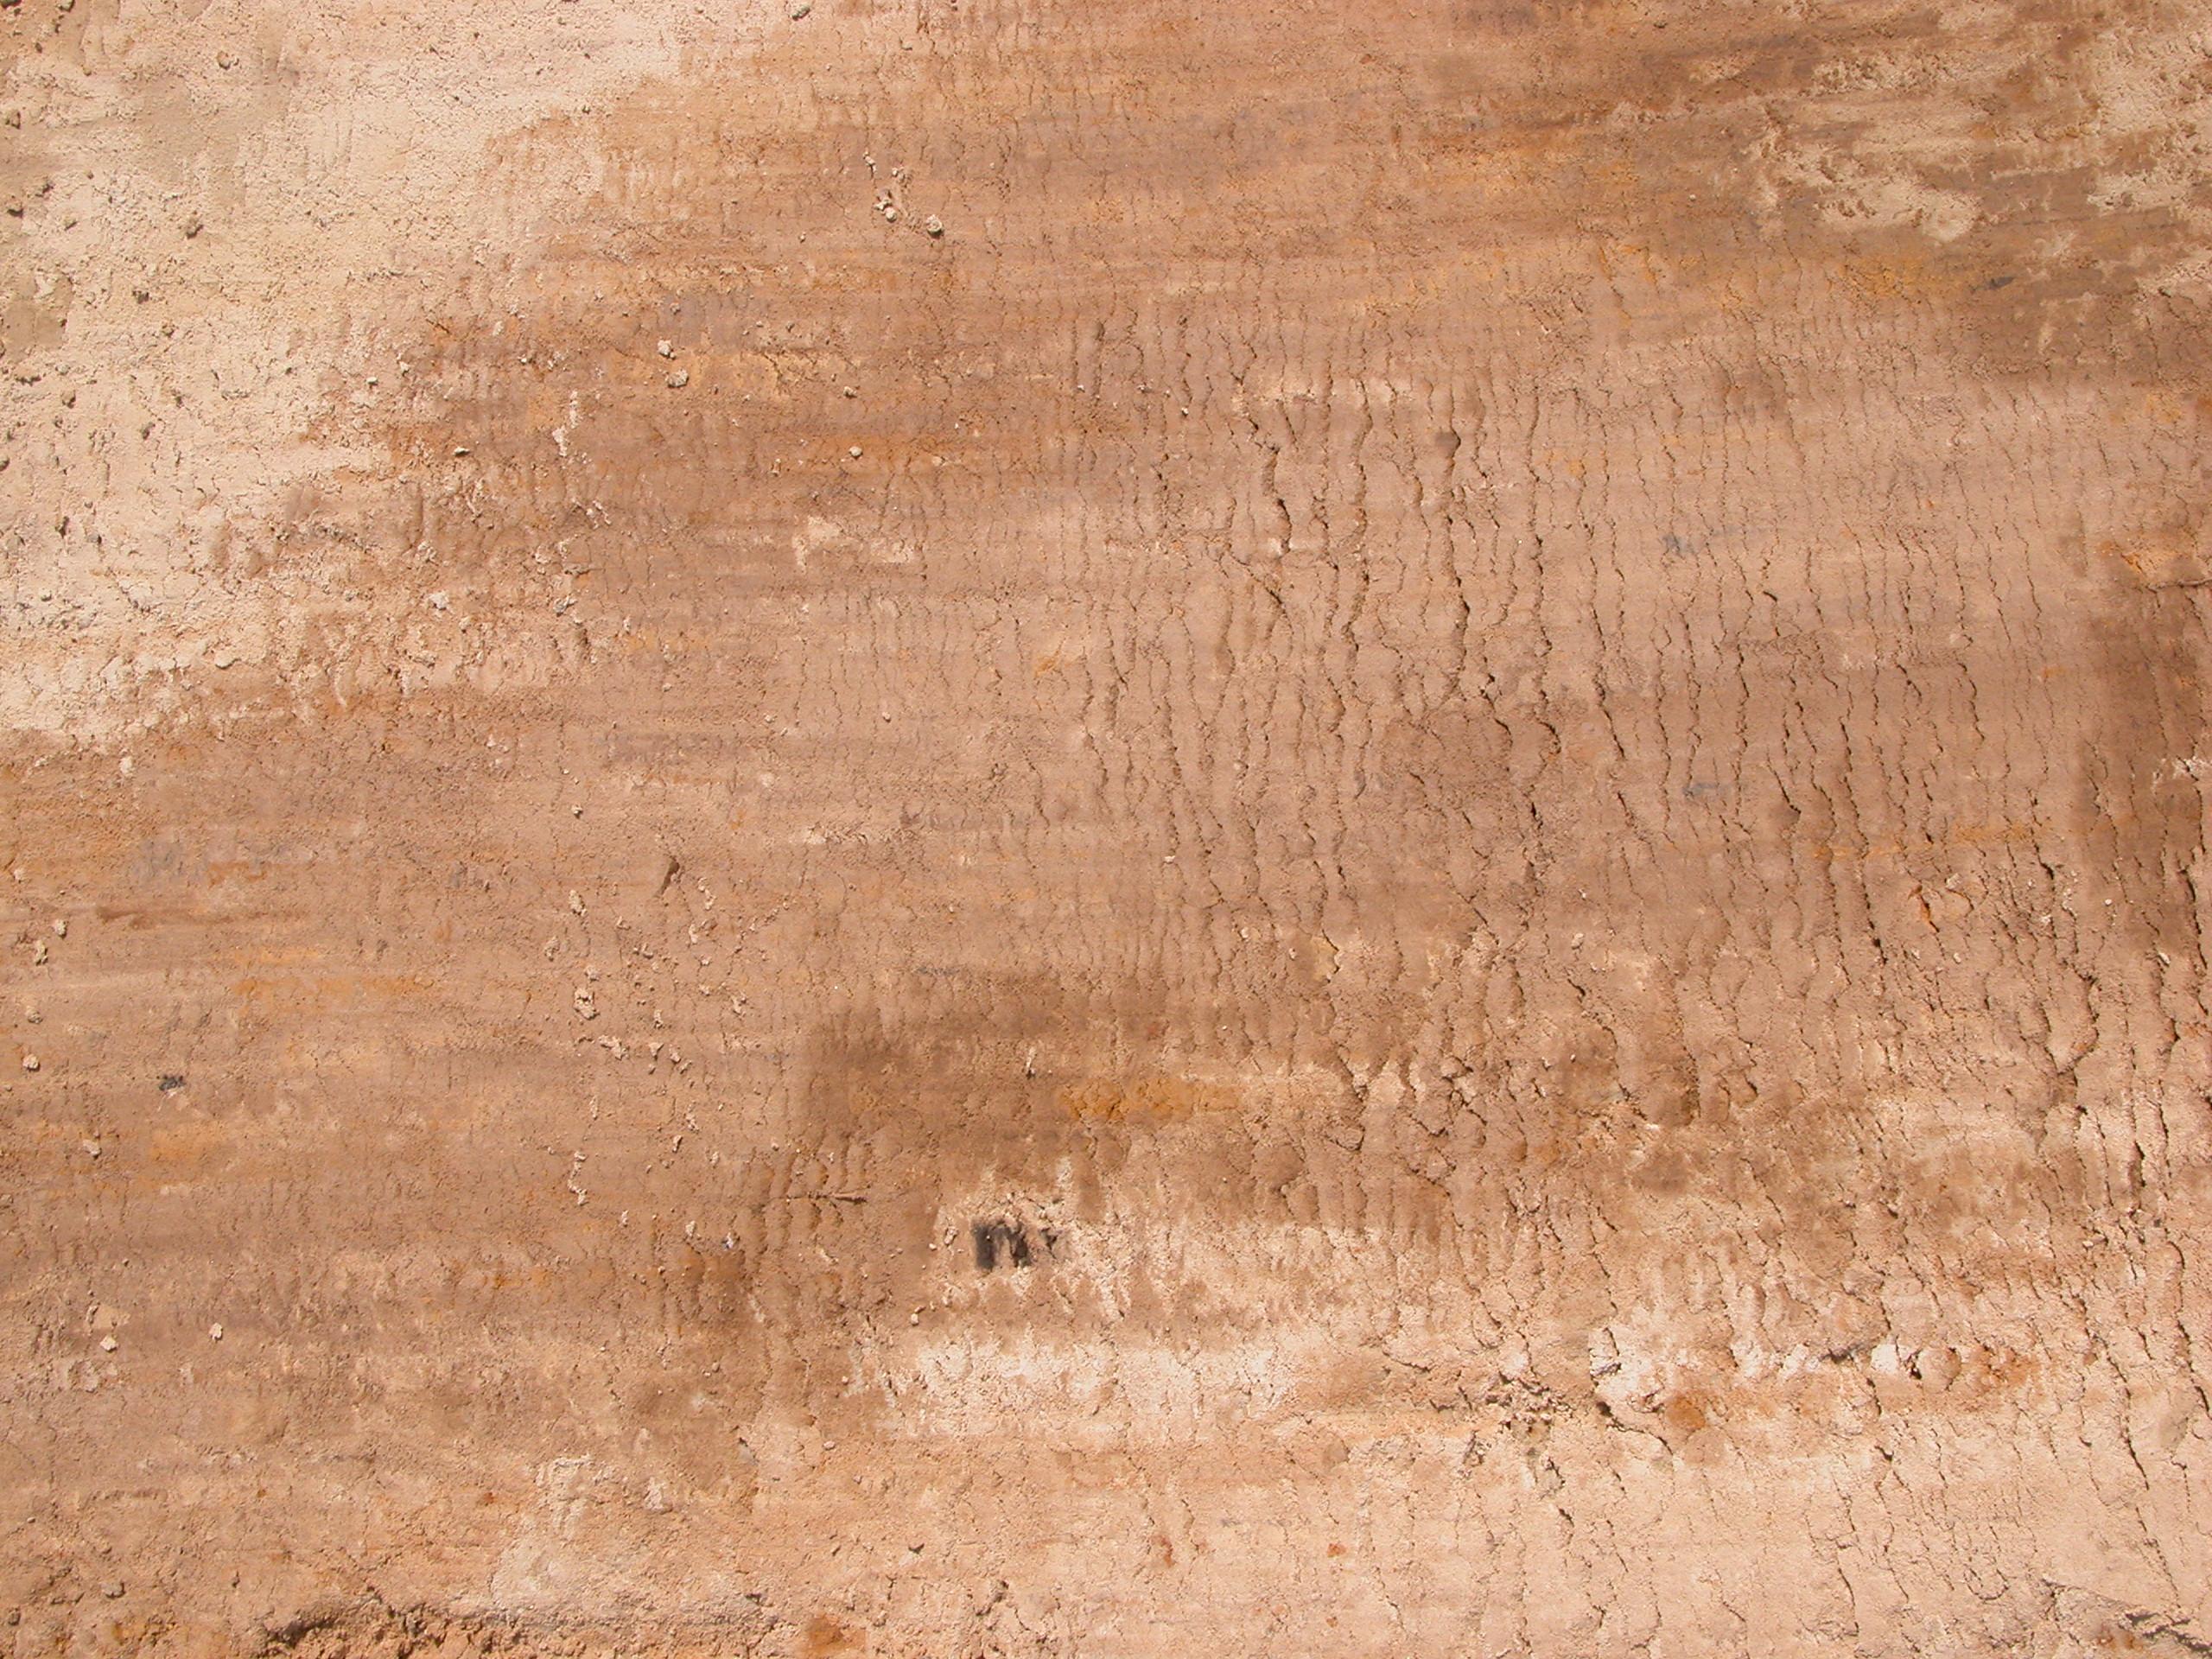 dirt floor image after textures sand brown floor dirt